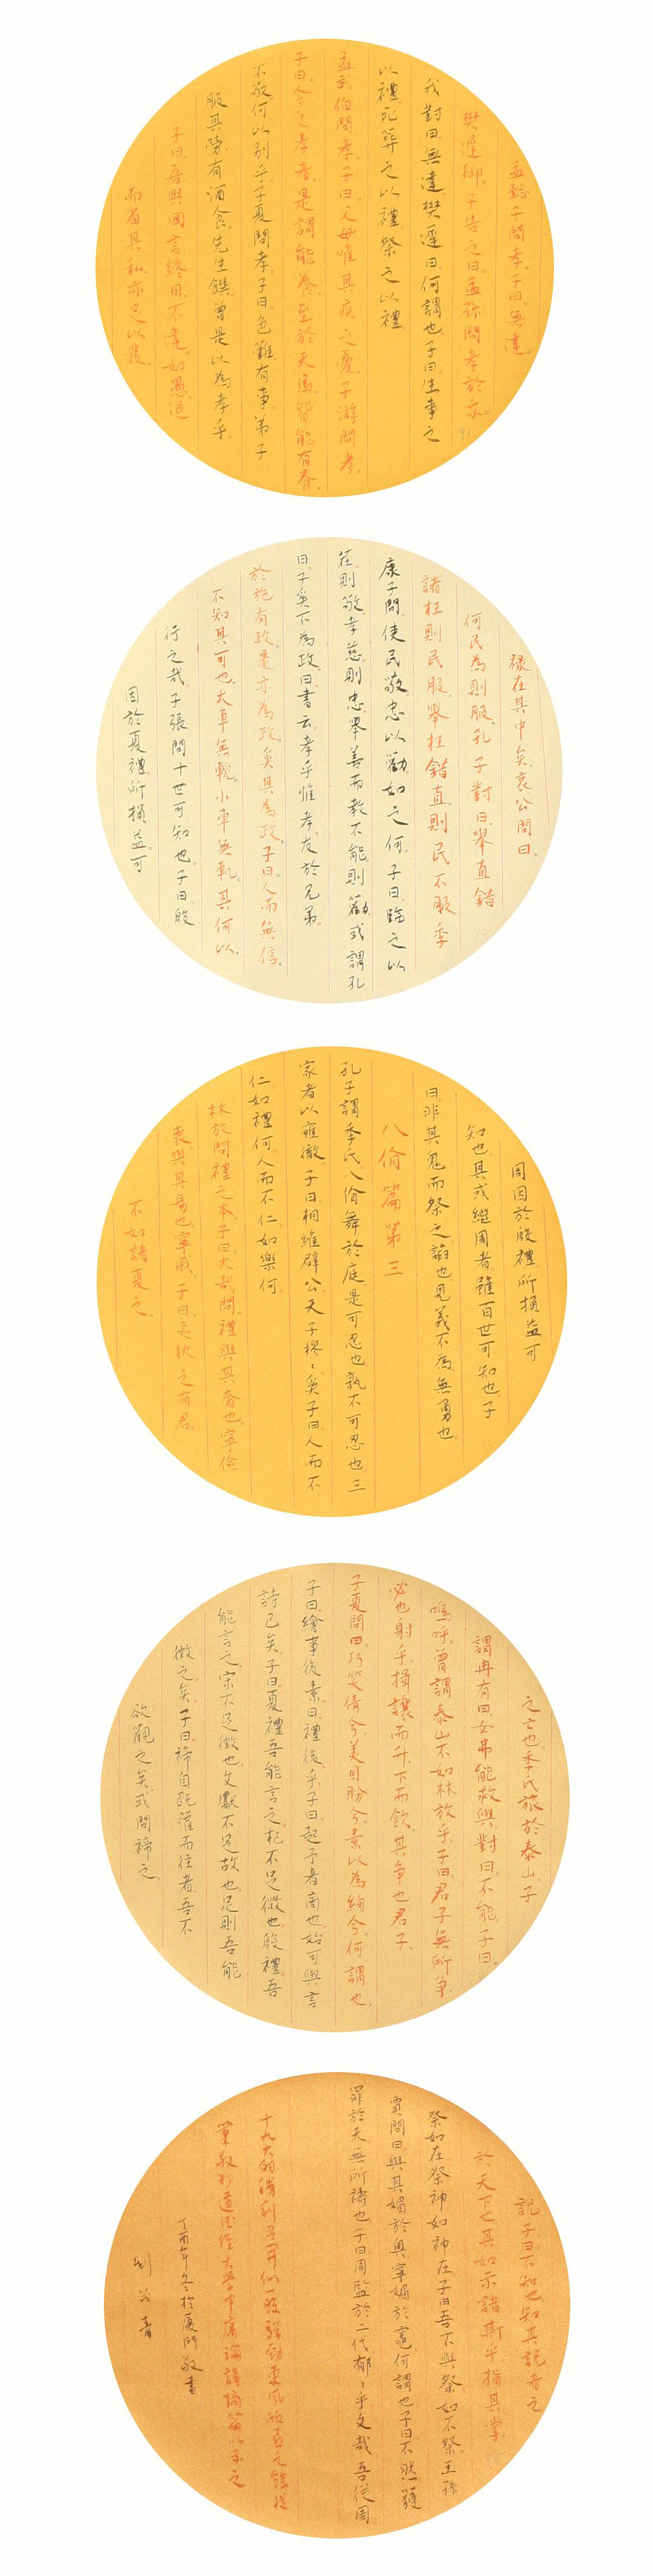 《国学经典抄·道德经 02》纸本墨笔 小楷 竖幅 2017年